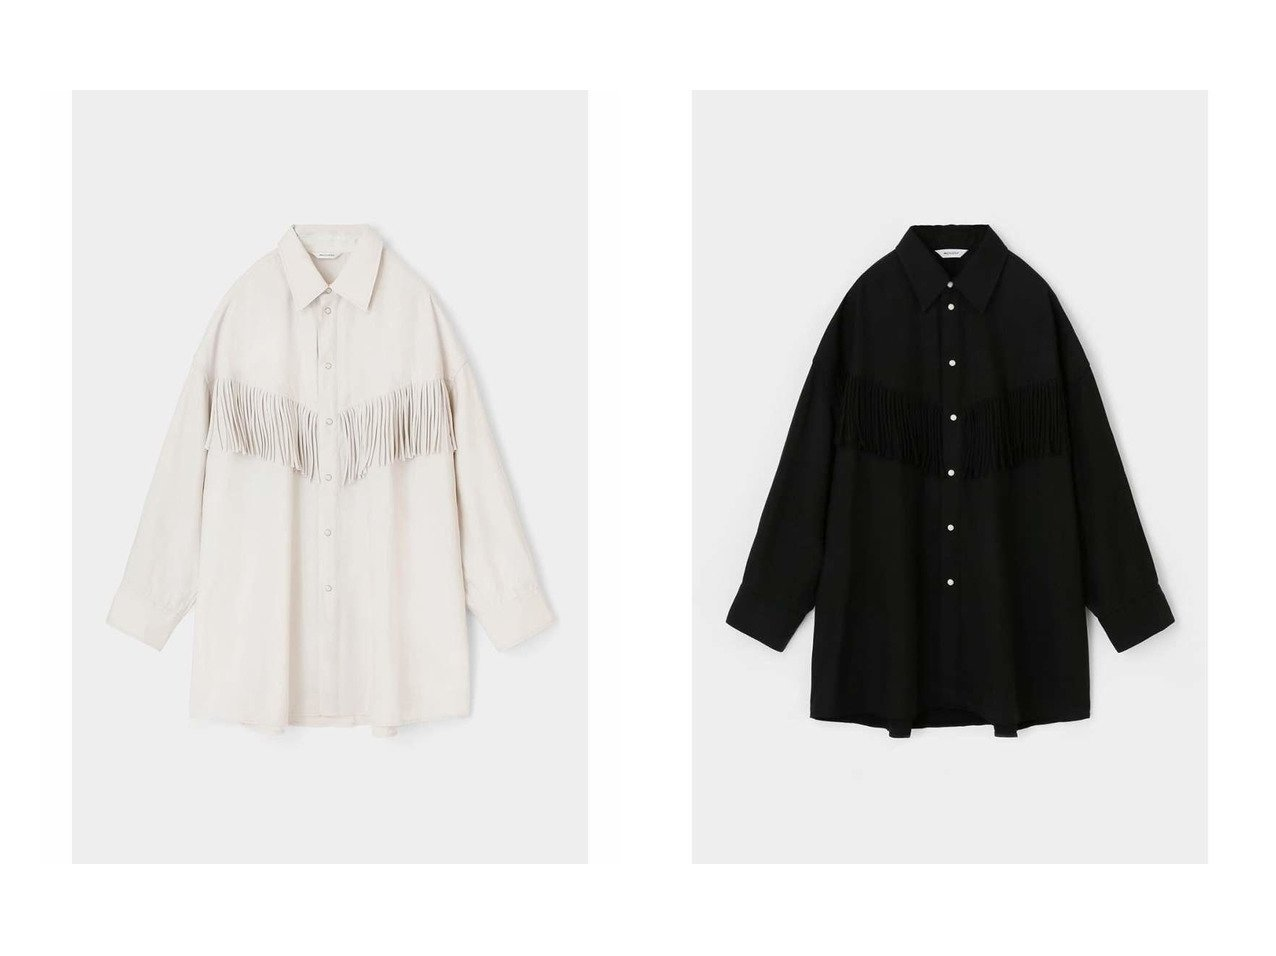 【moussy/マウジー】のFRINGE OVER シャツ 【トップス・カットソー】おすすめ!人気、トレンド・レディースファッションの通販 | レディースファッション・服の通販 founy(ファニー)